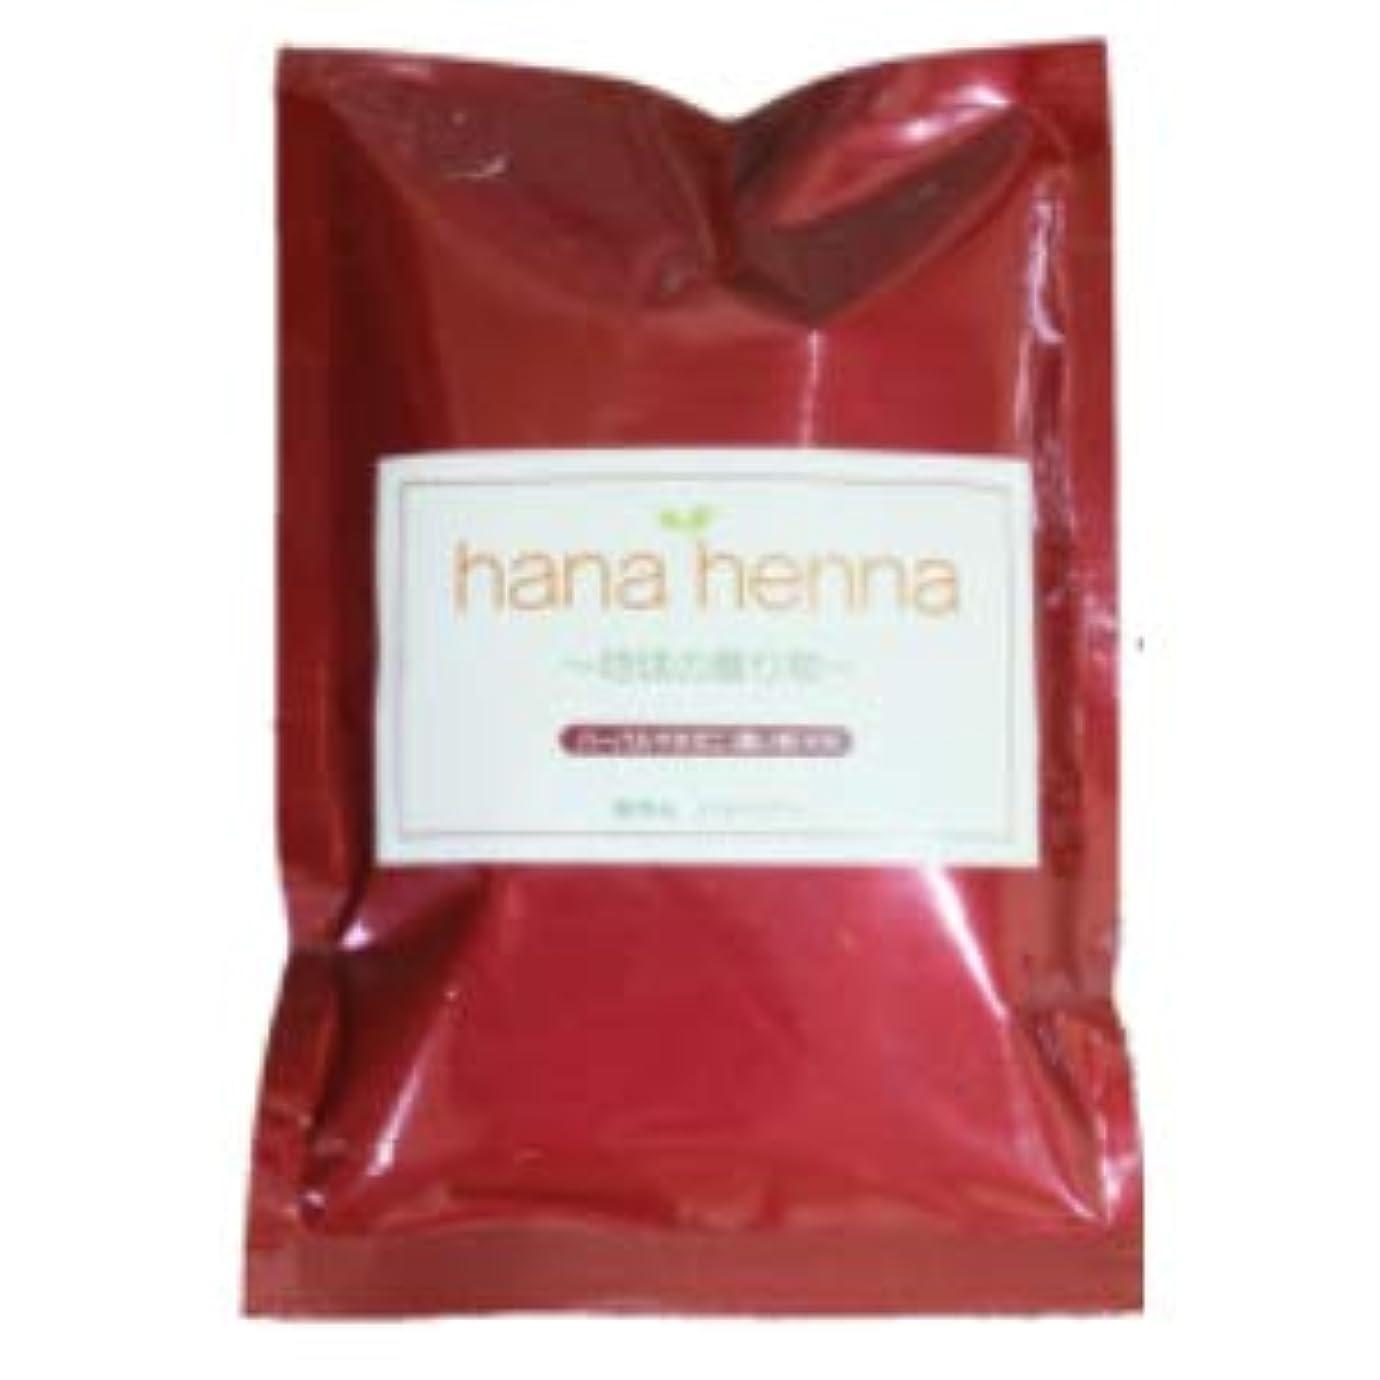 主流イースター?hana henna?ハナヘナ ハーバルマホガニー(濃い茶) (100g)